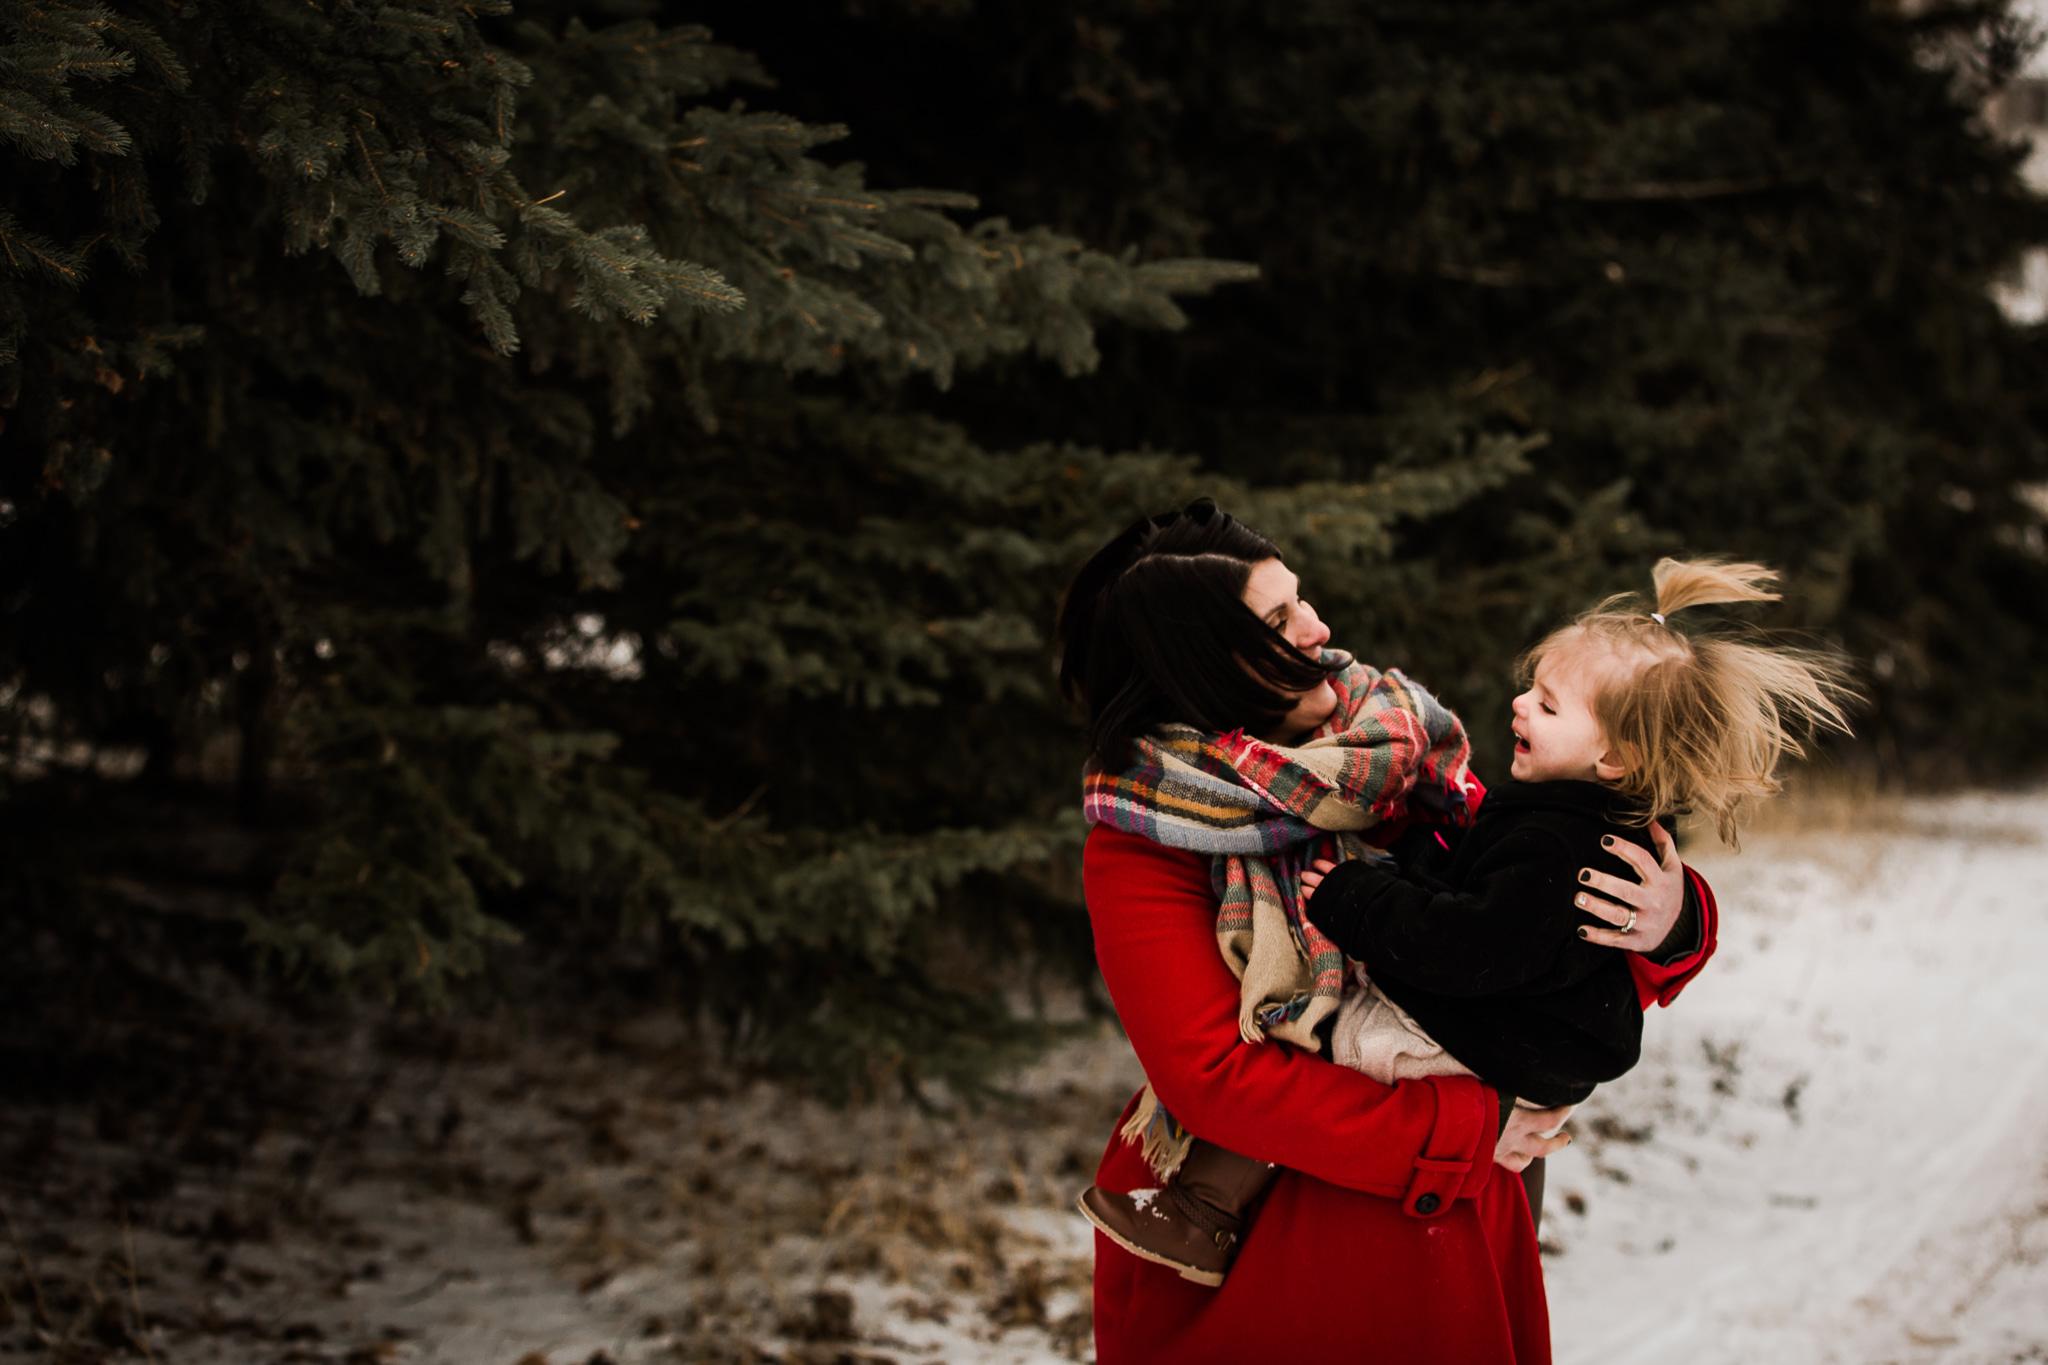 Alina-Joy-Photography-Cold-Lake-Lifestyle-Photographer-103.jpg